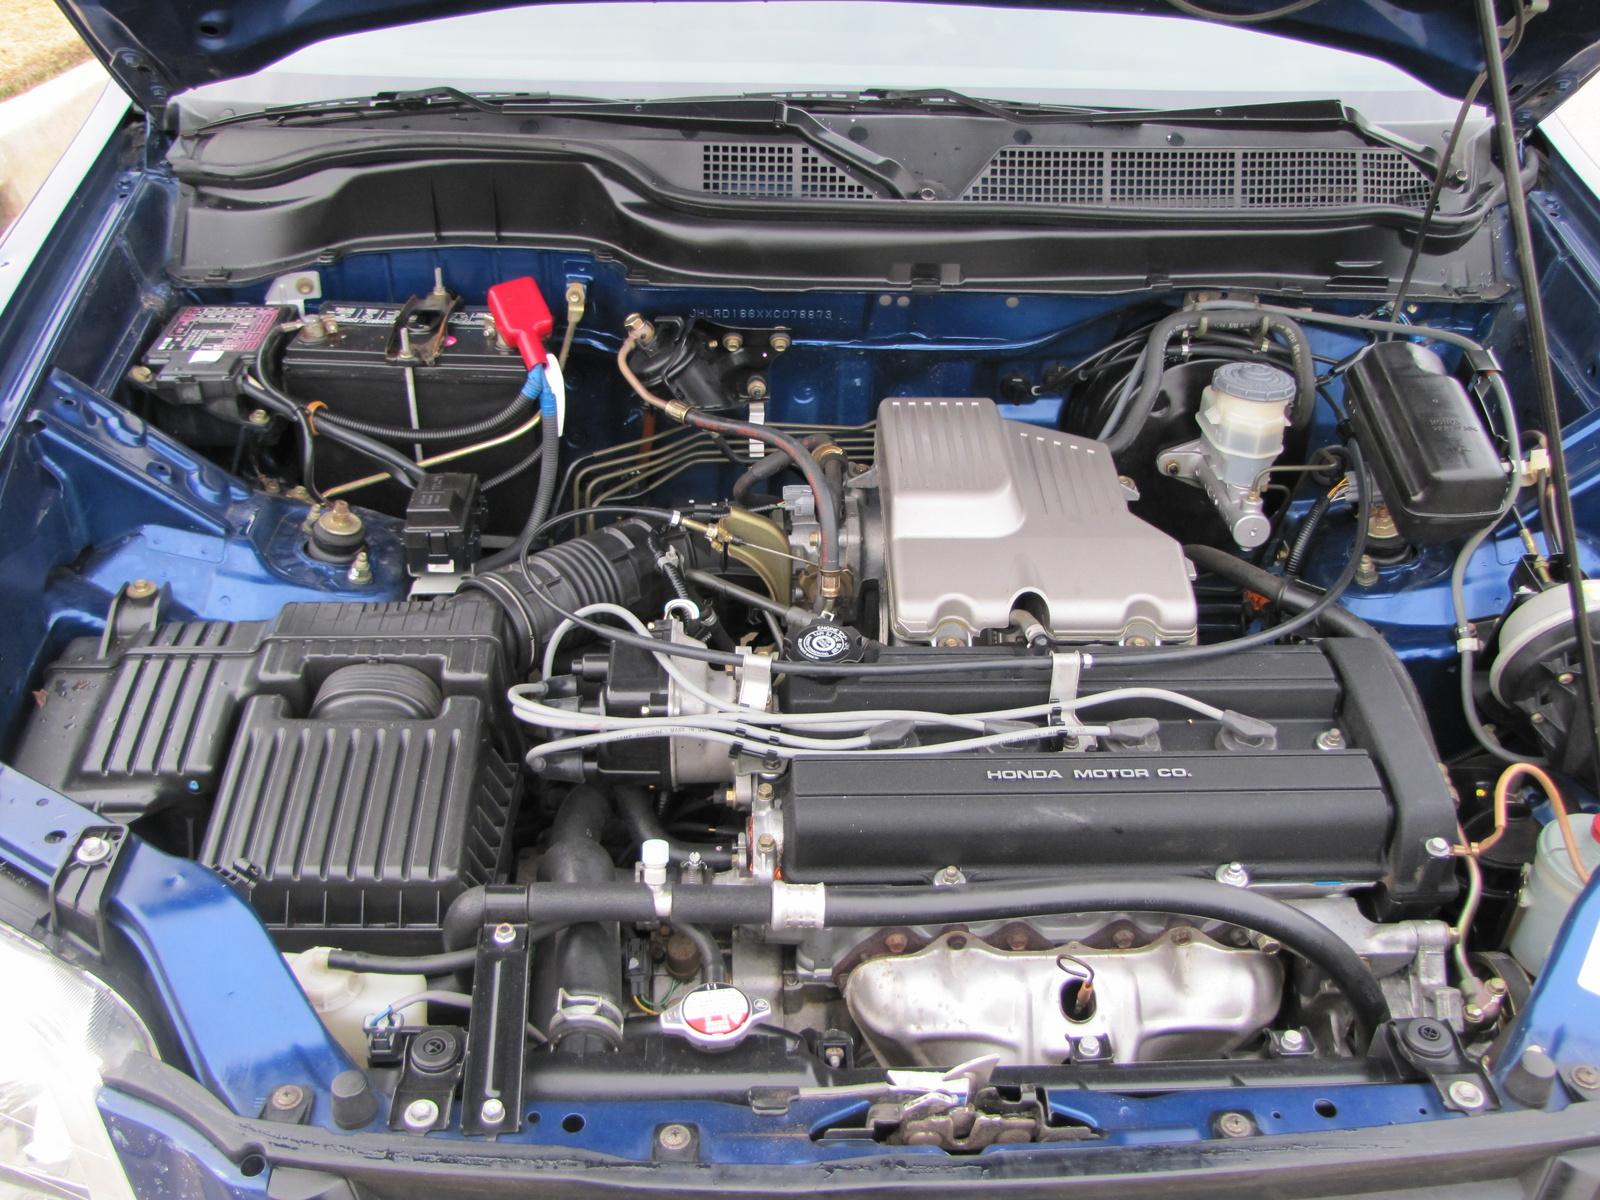 1999 Honda CR-V - Pictures - CarGurus